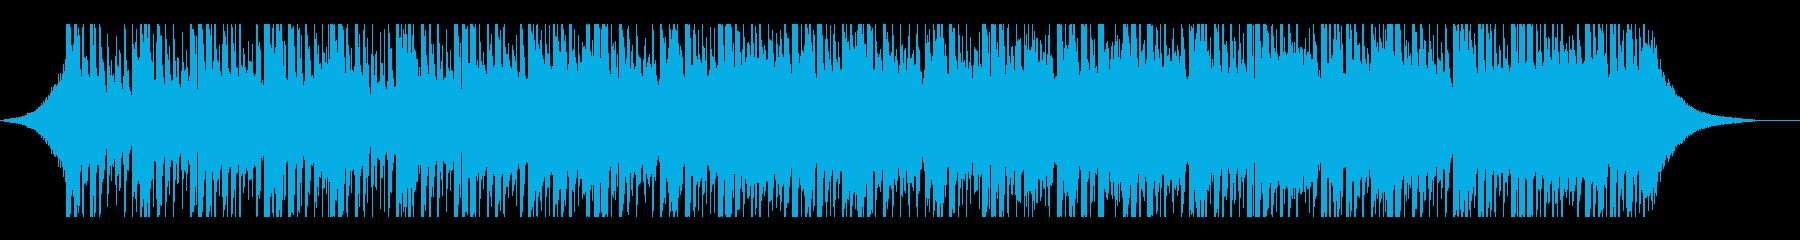 技術革新(60秒)の再生済みの波形